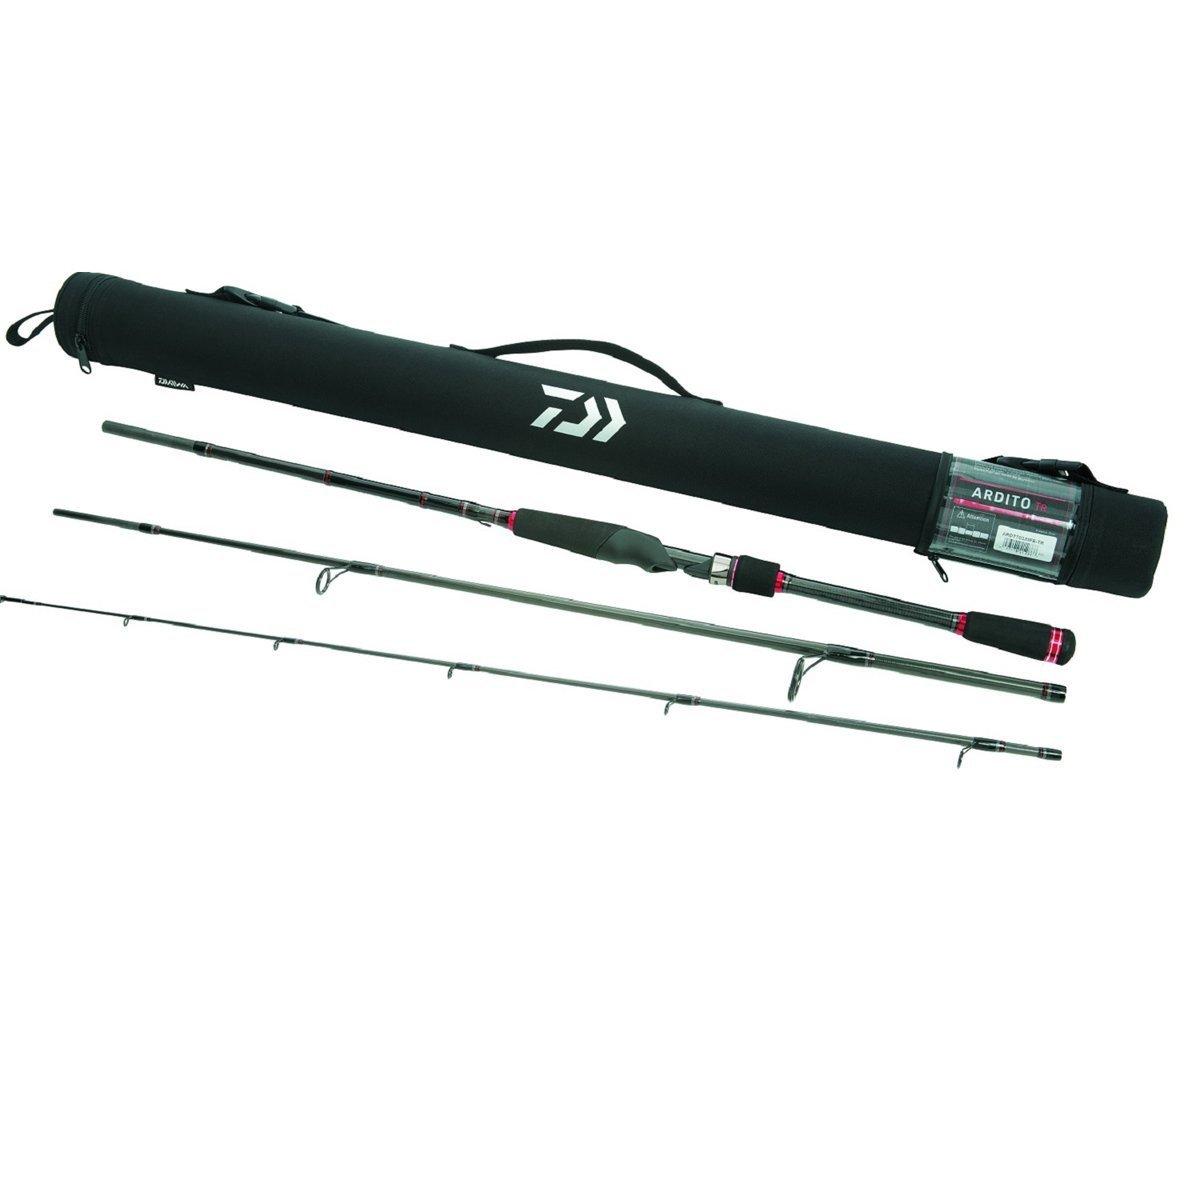 Daiwa ARDT763MLXS-Ardito-4-15 lb Test Rod